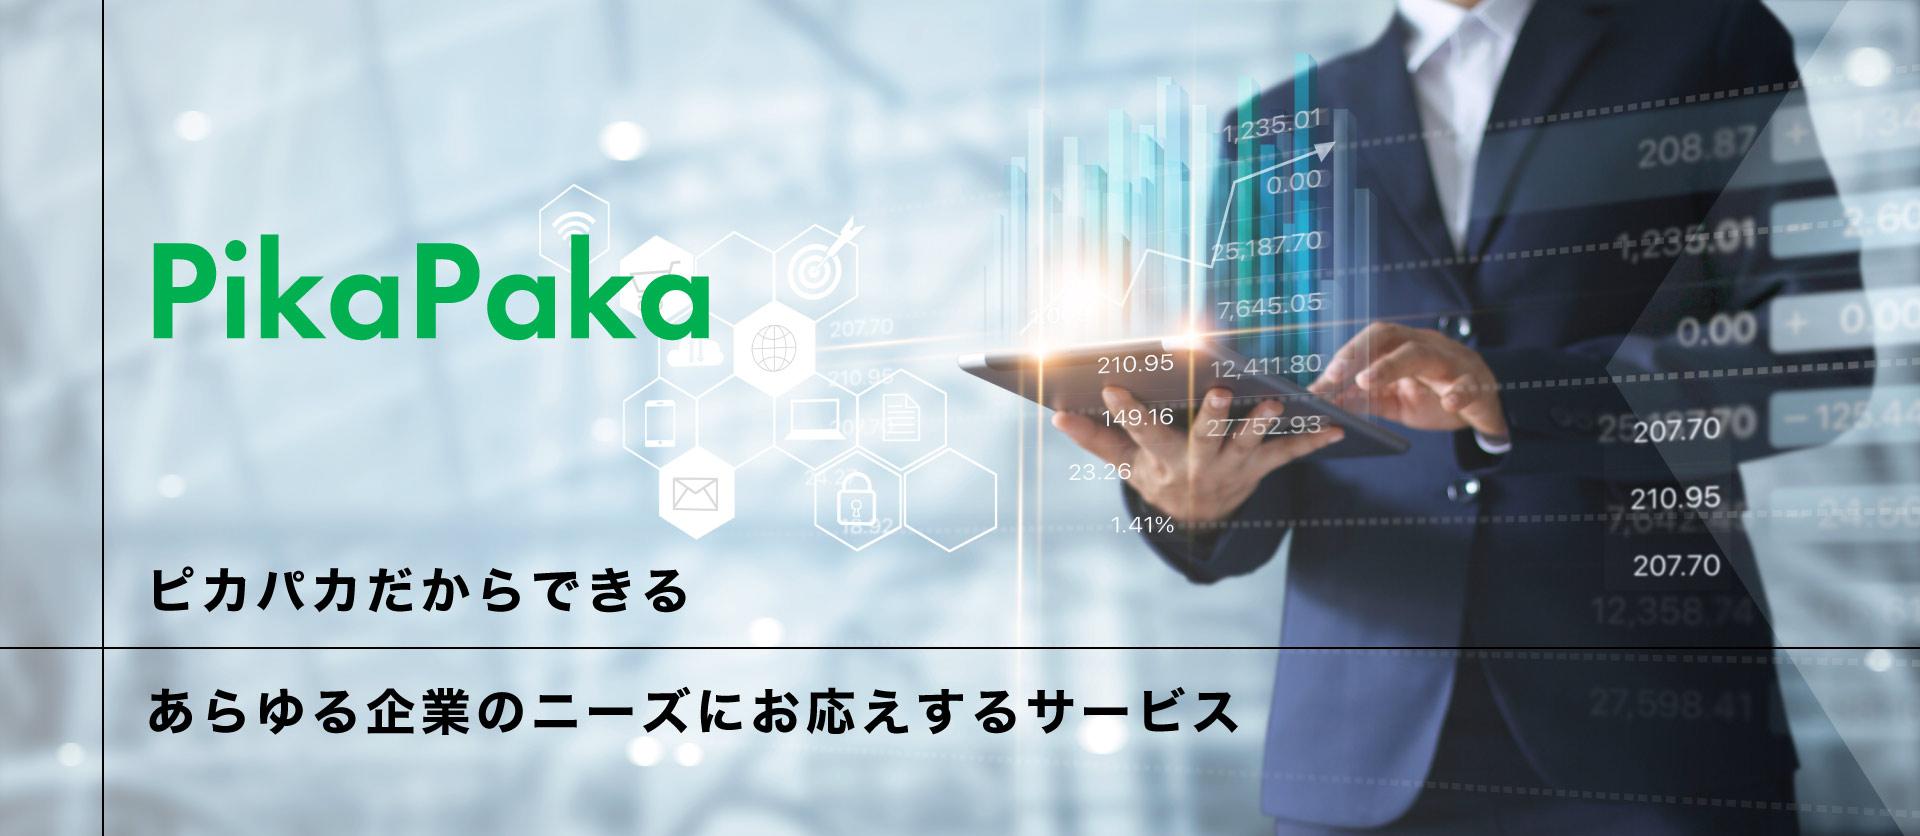 株式会社ピカパカ